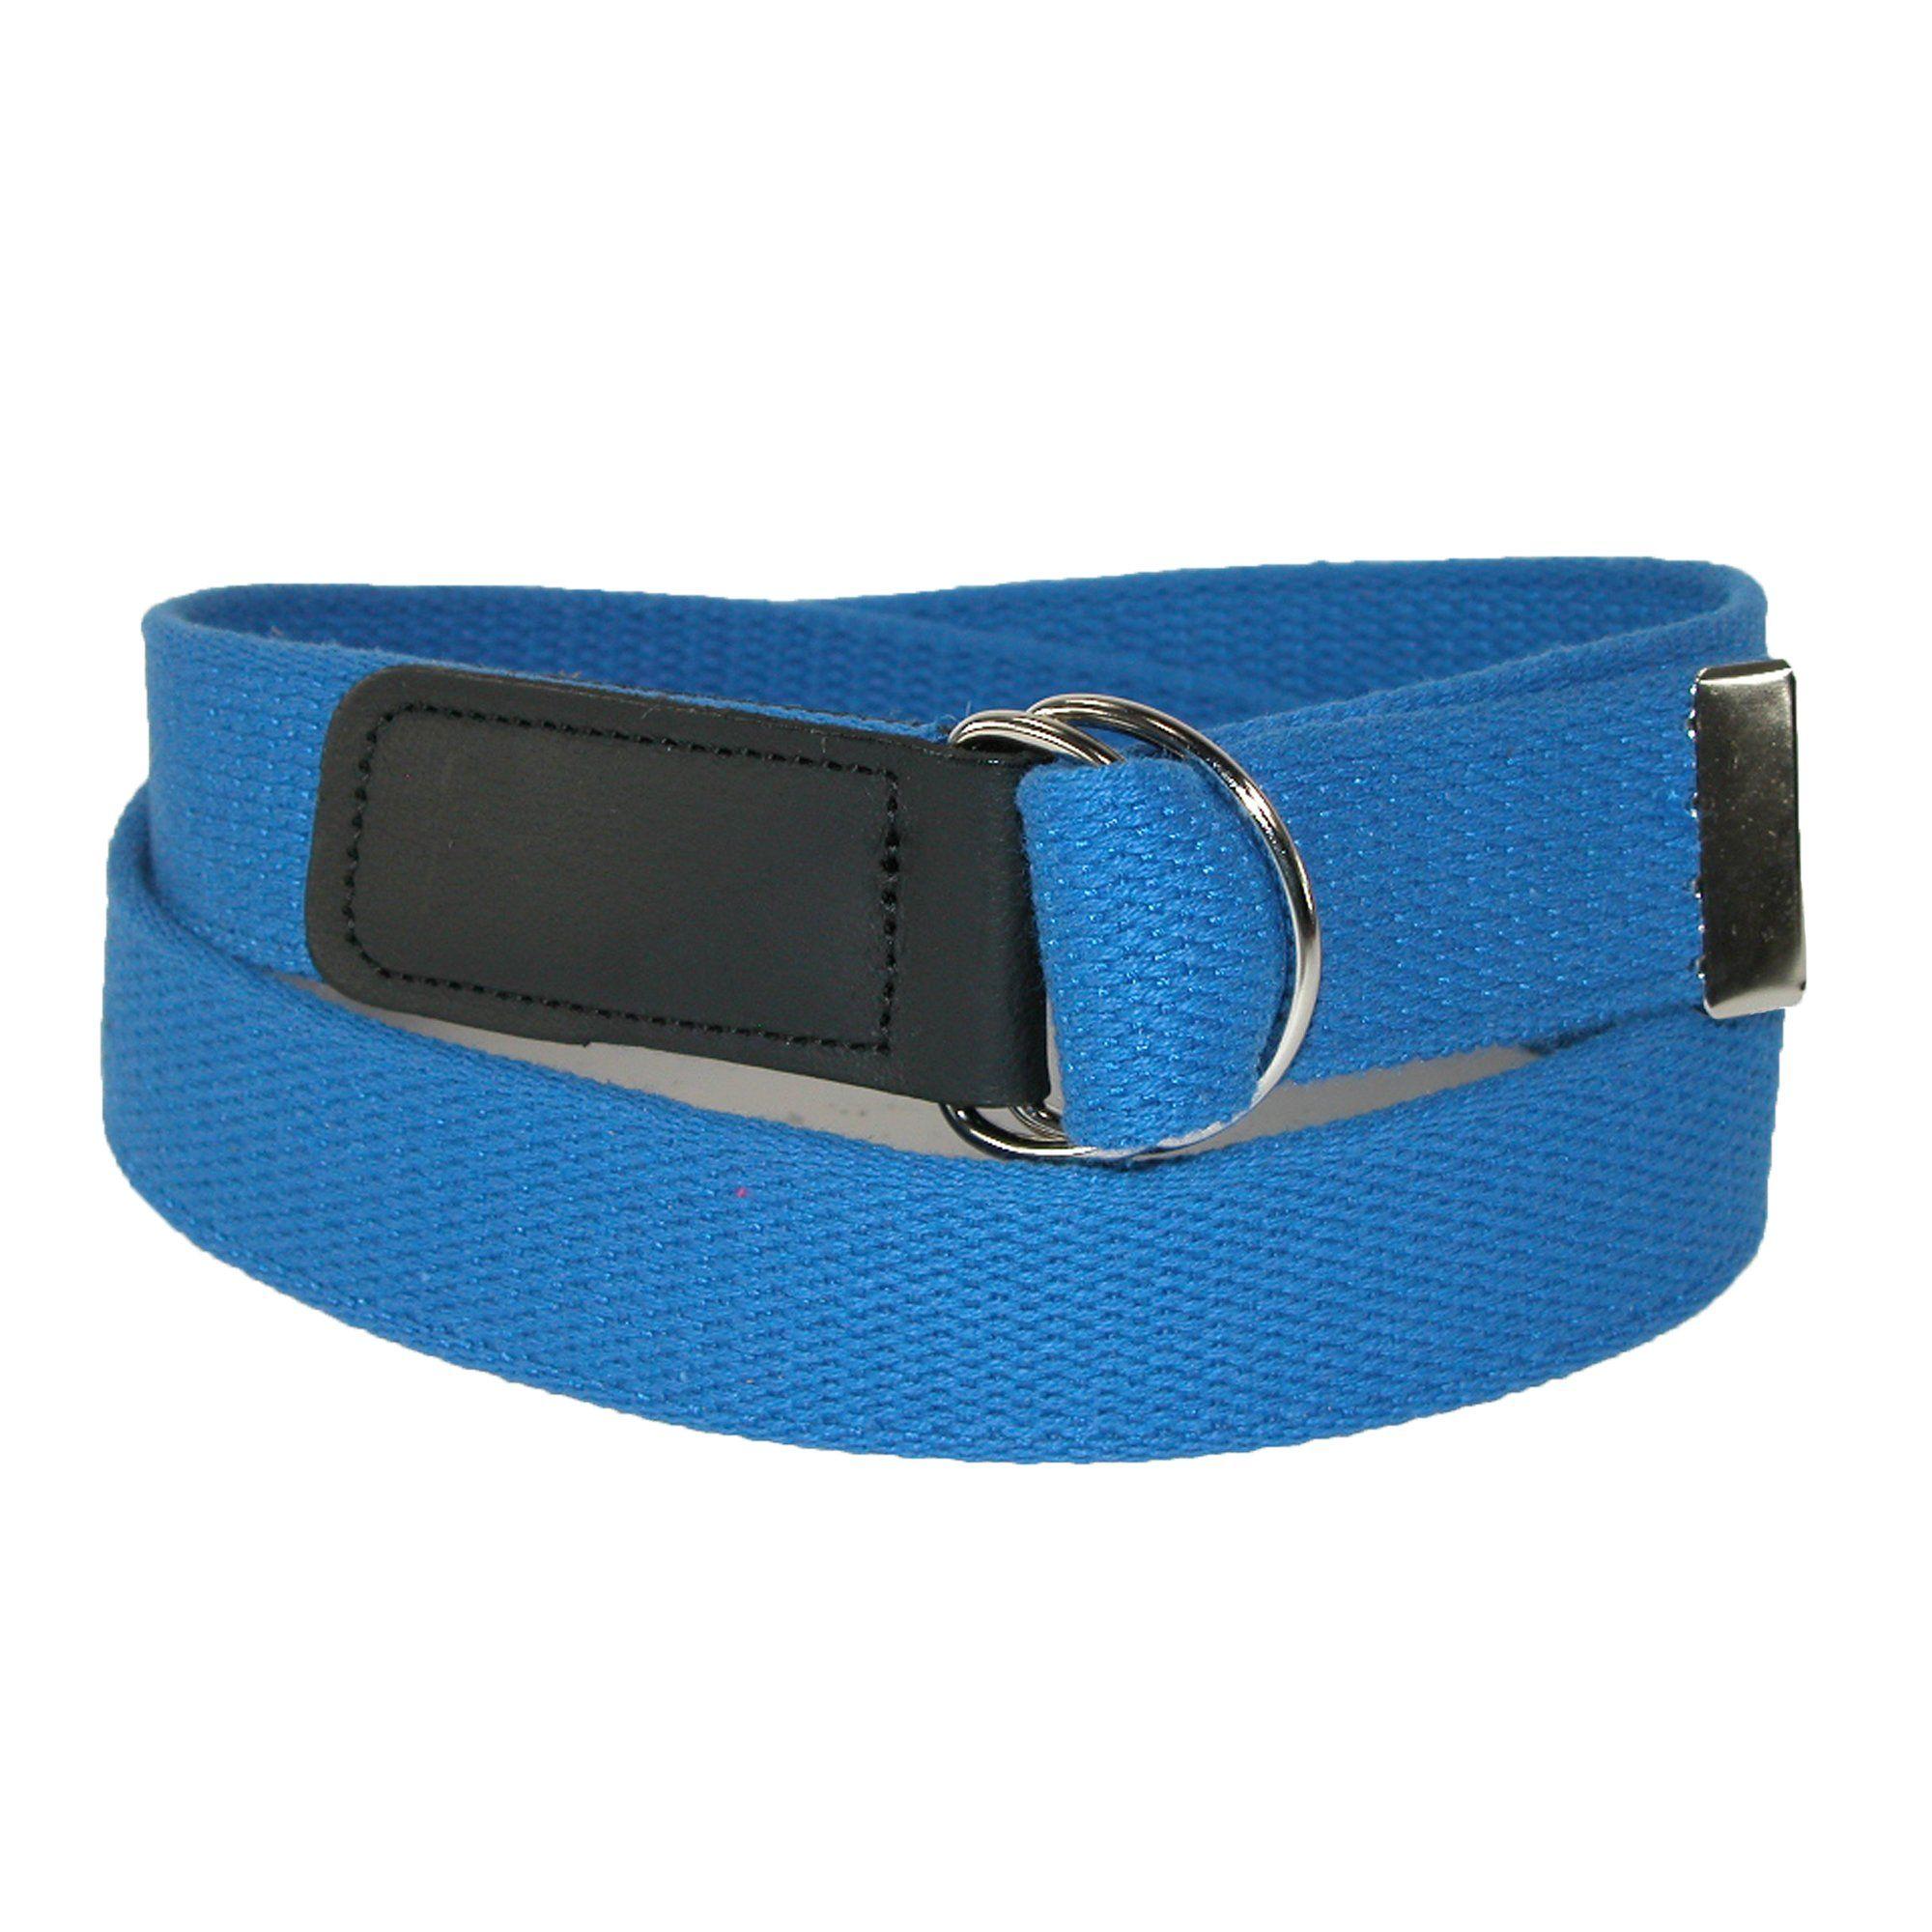 CTM® Cotton Web Belt with Double D Ring Buckle Belt